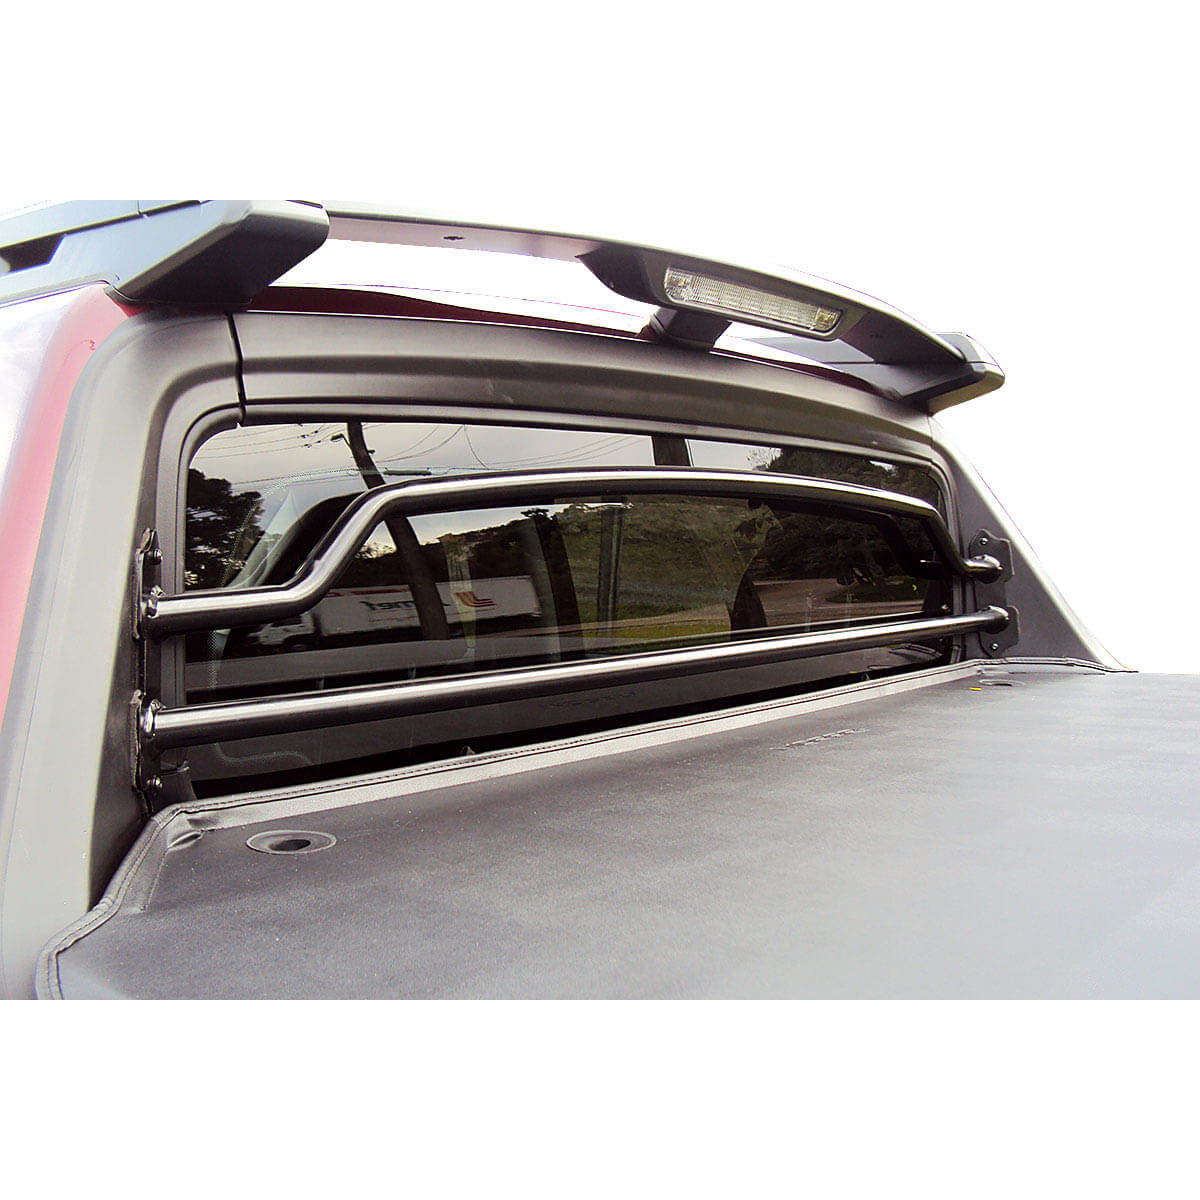 Grade de vidro Fiat Toro 2017 2018 semelhante original